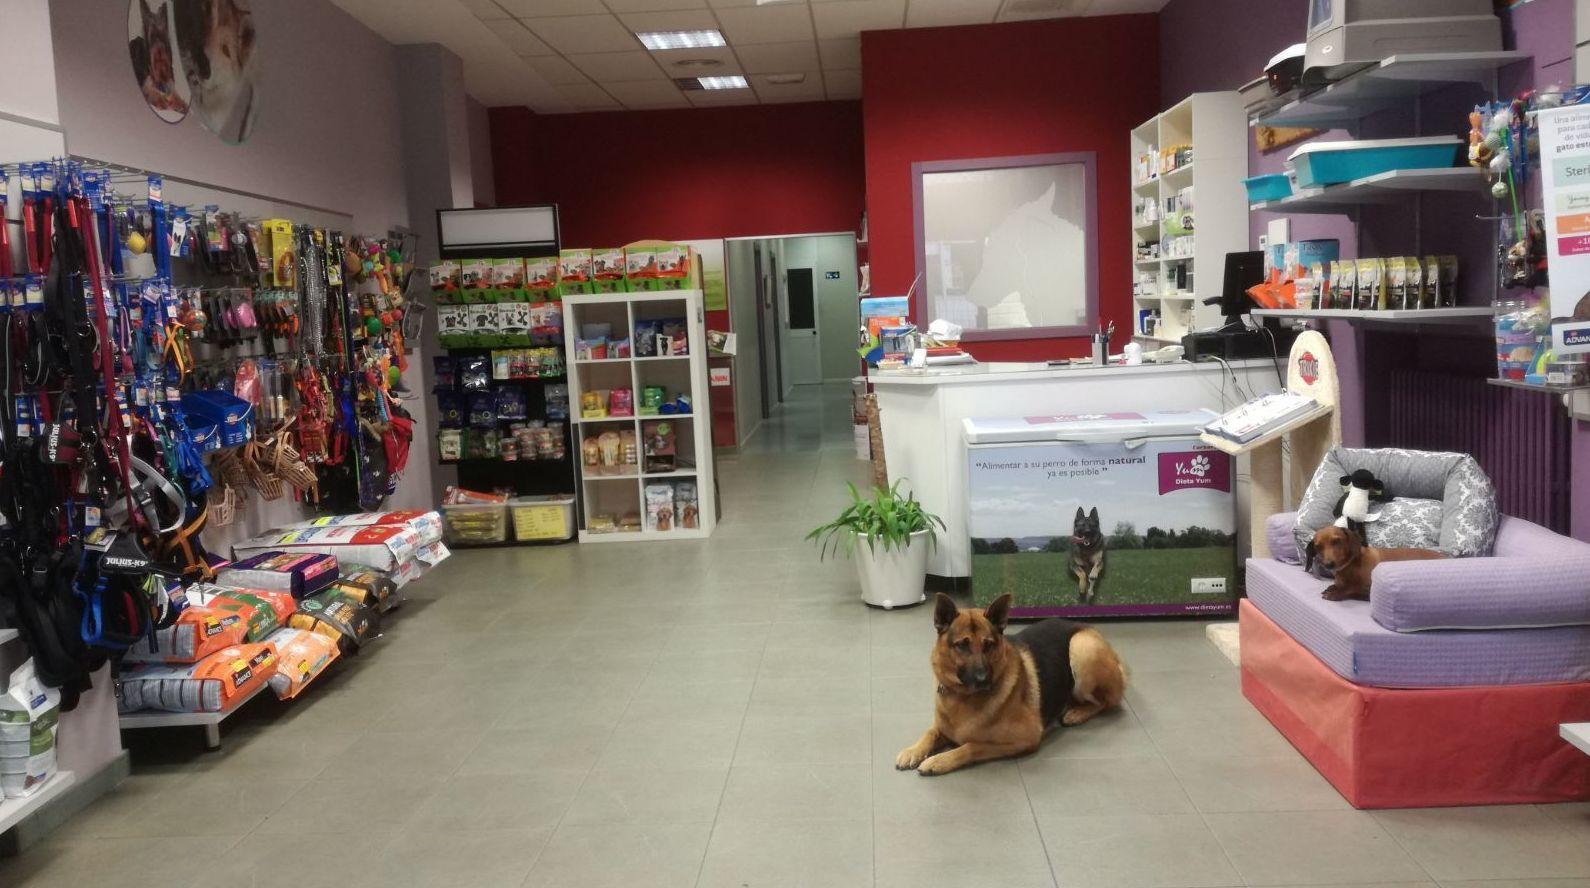 Tienda especializada, perro, gato, roedores y pájaros.